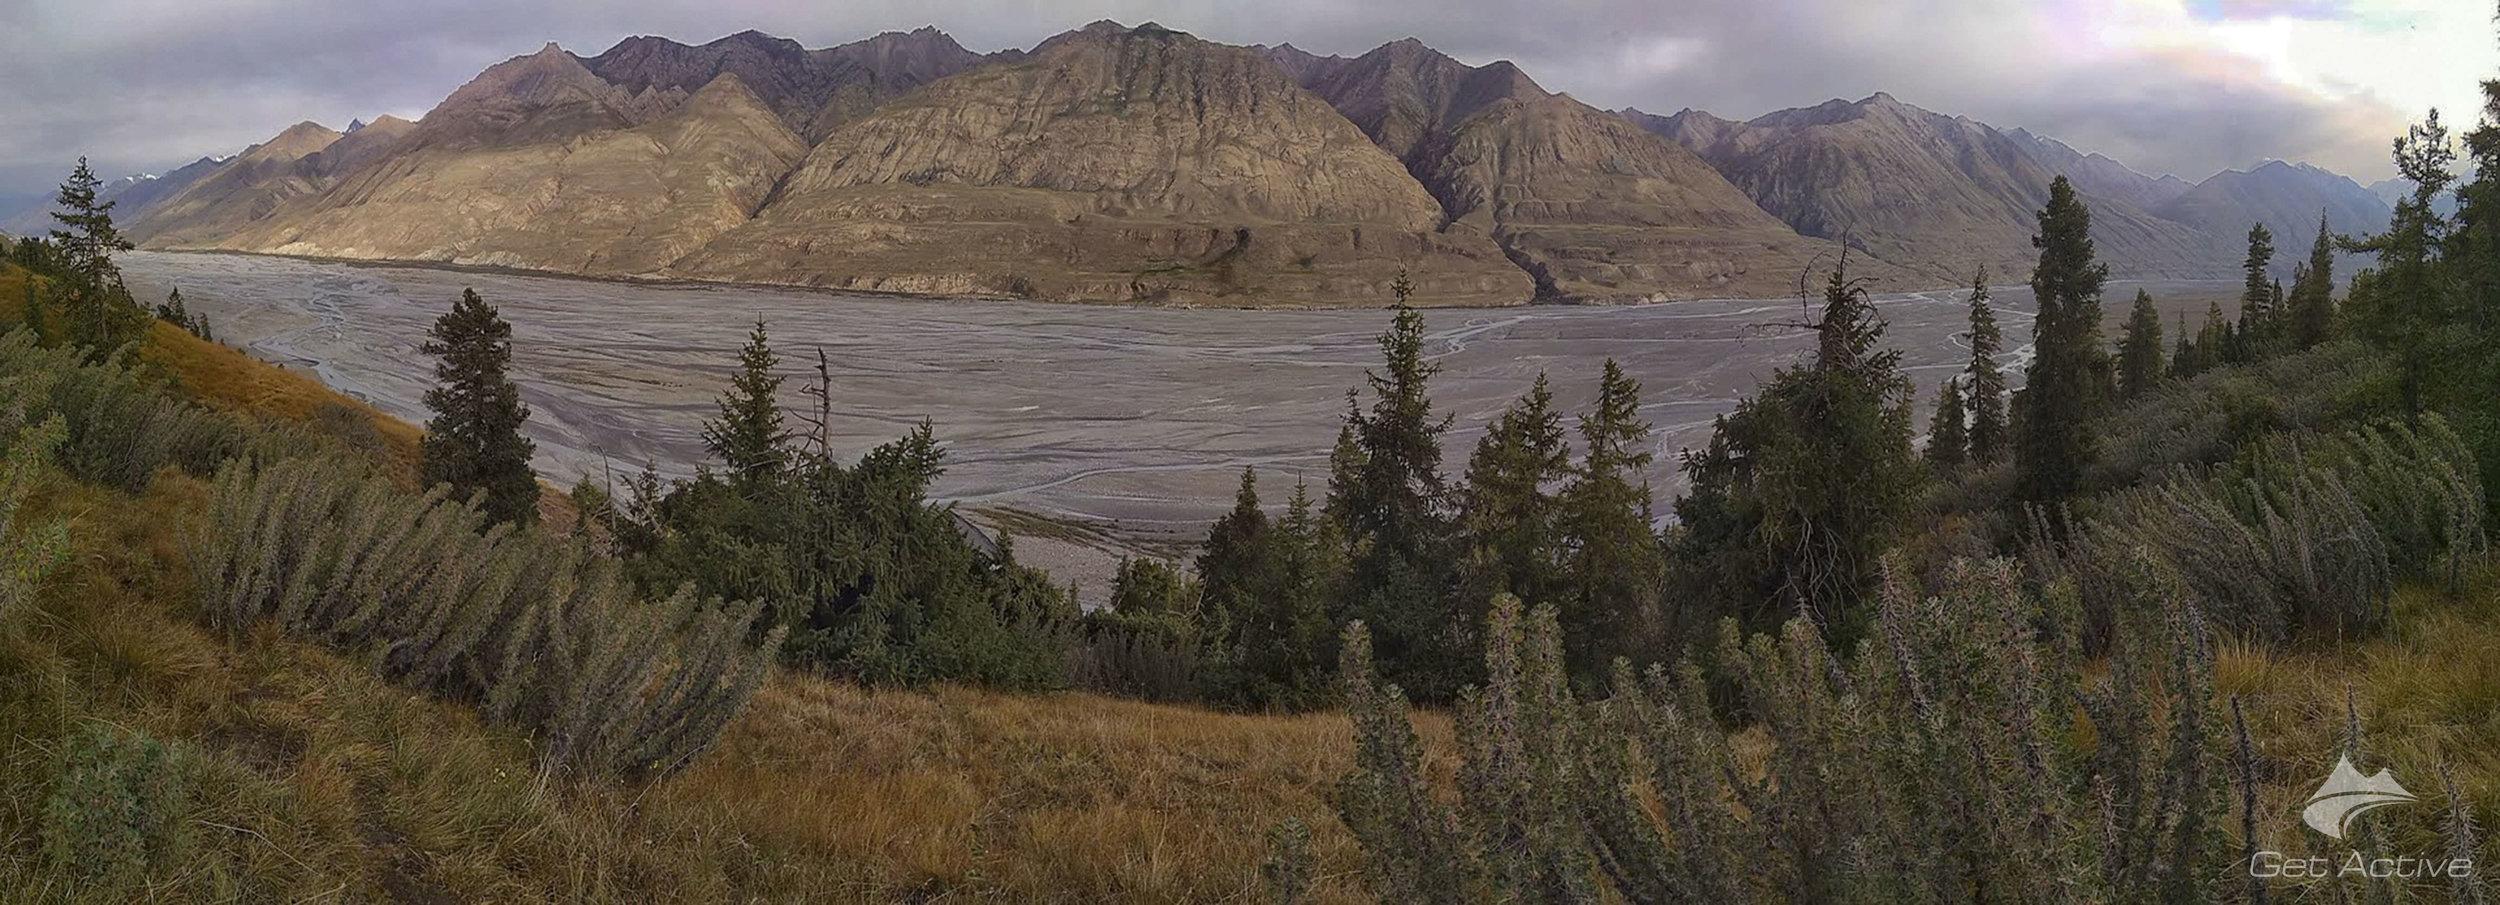 Vyčerpávající stoupání obcházející místo, kde řeka Inylchek znemožňuje průchod po stejném břehu